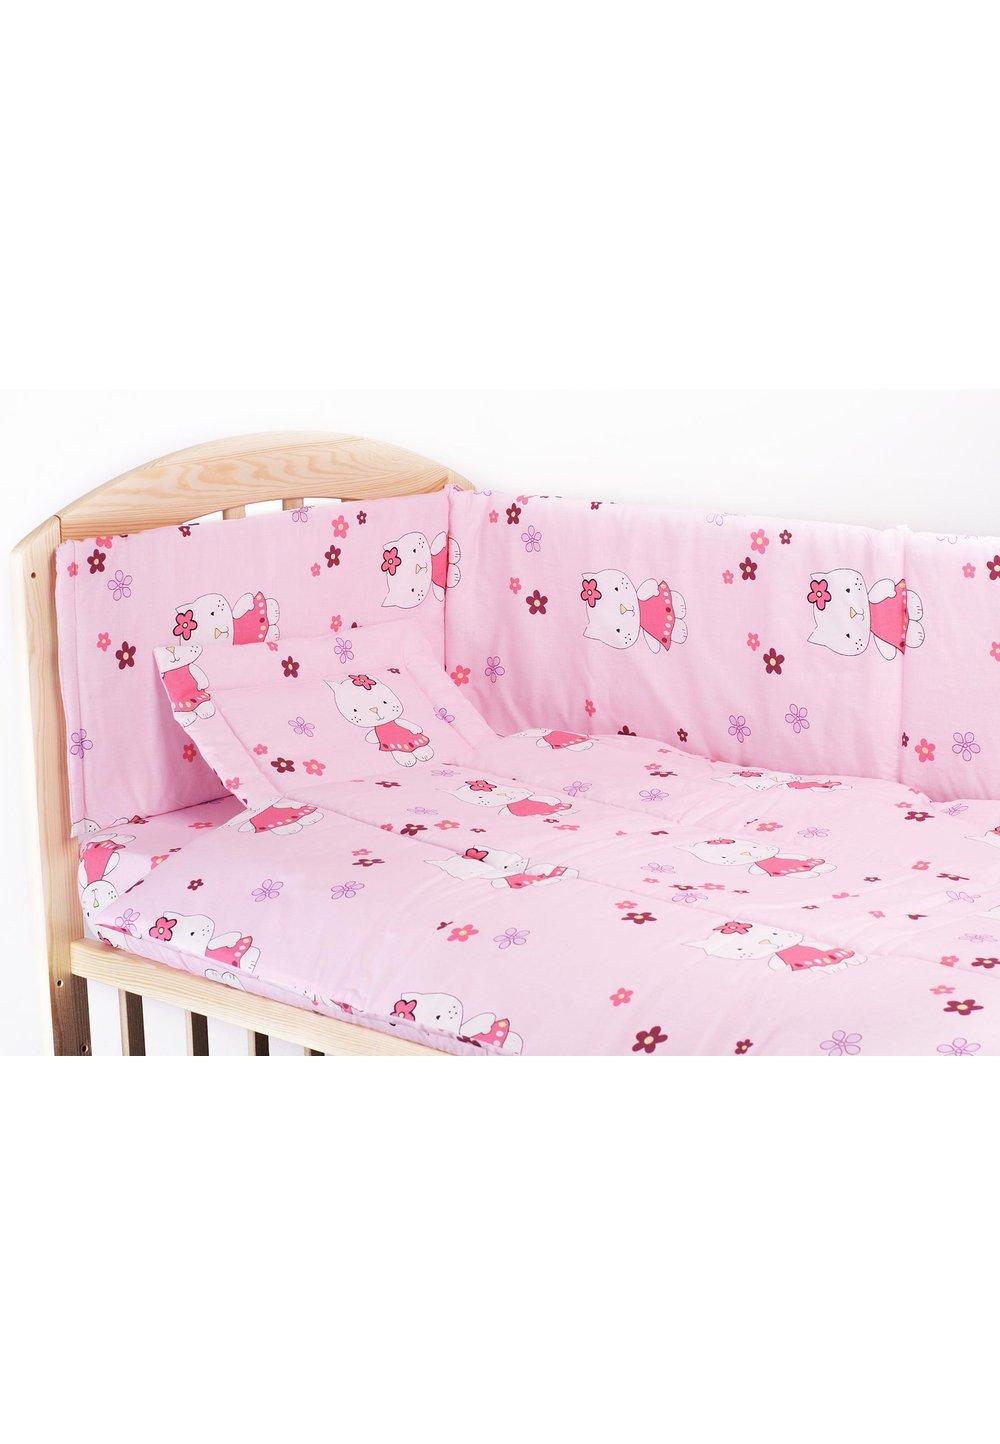 Lenjerie 4 piese kitty roz,120 x 60 cm imagine